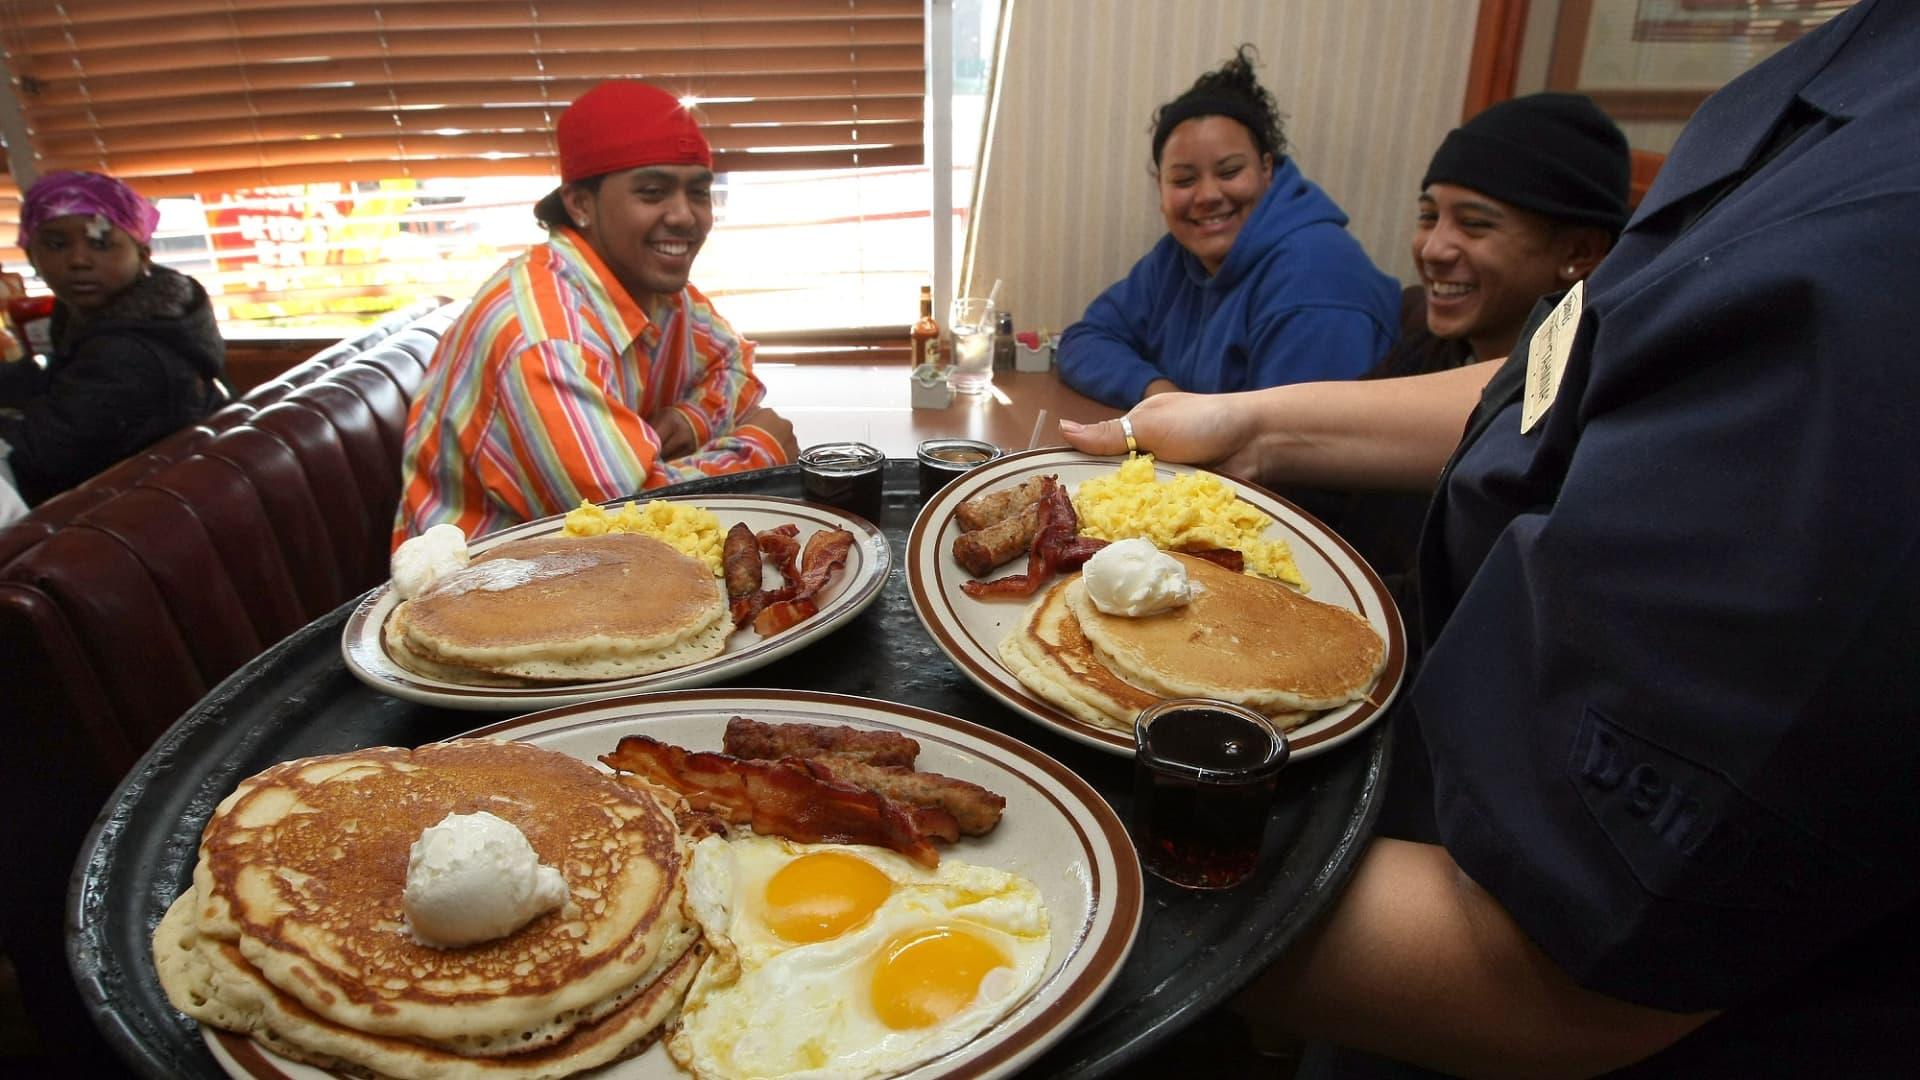 Denny's waitress serves breakfast to customers.